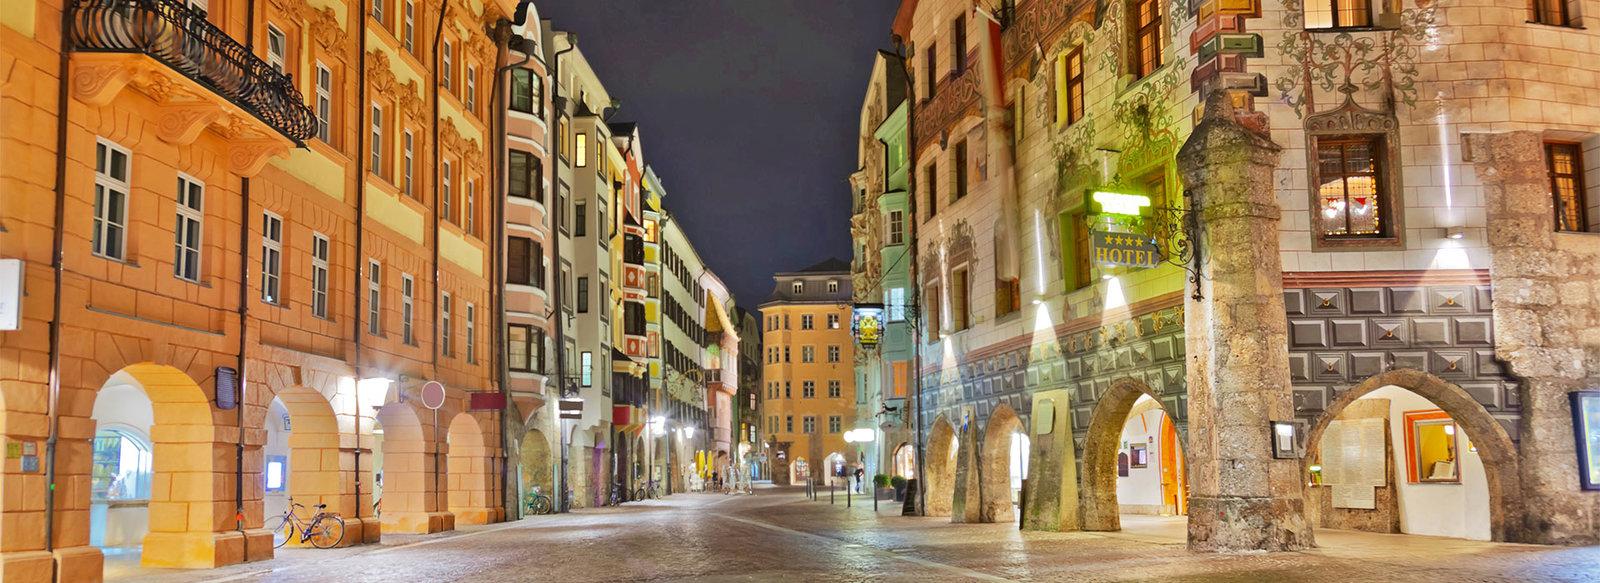 Soggiorno a Innsbruck con ingresso alla Funivia della Nordkette